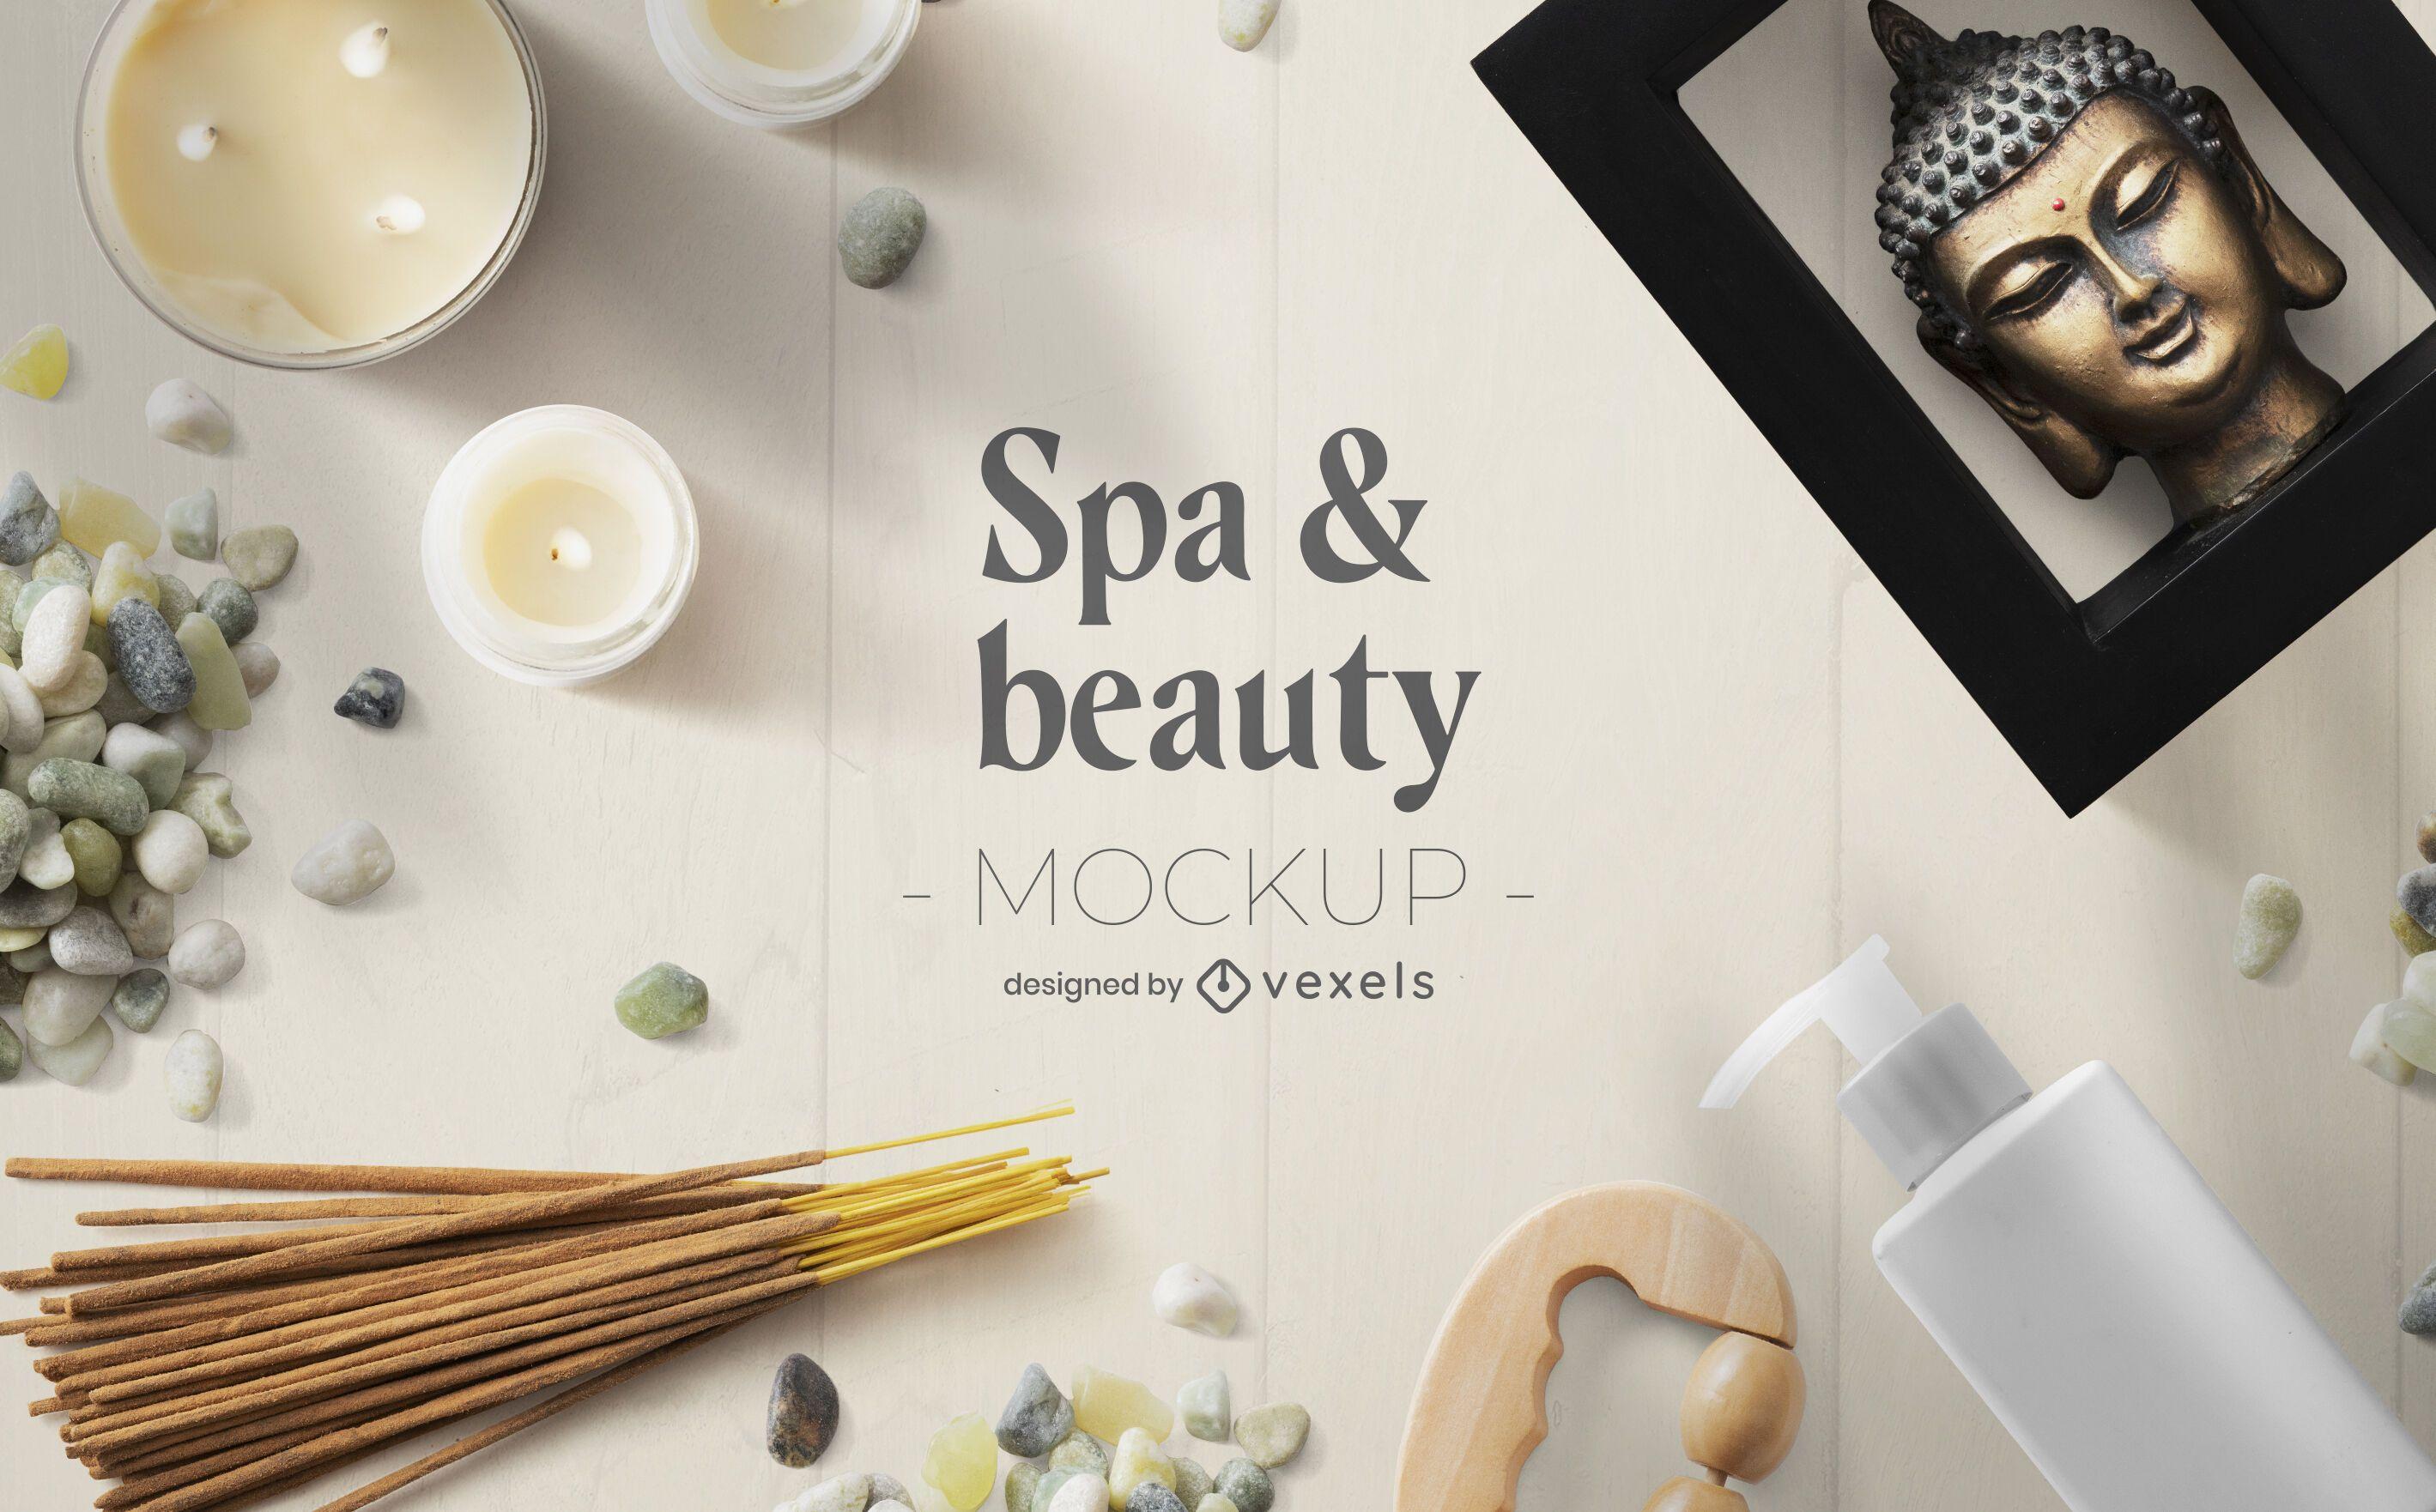 Beauty spa mockup composition